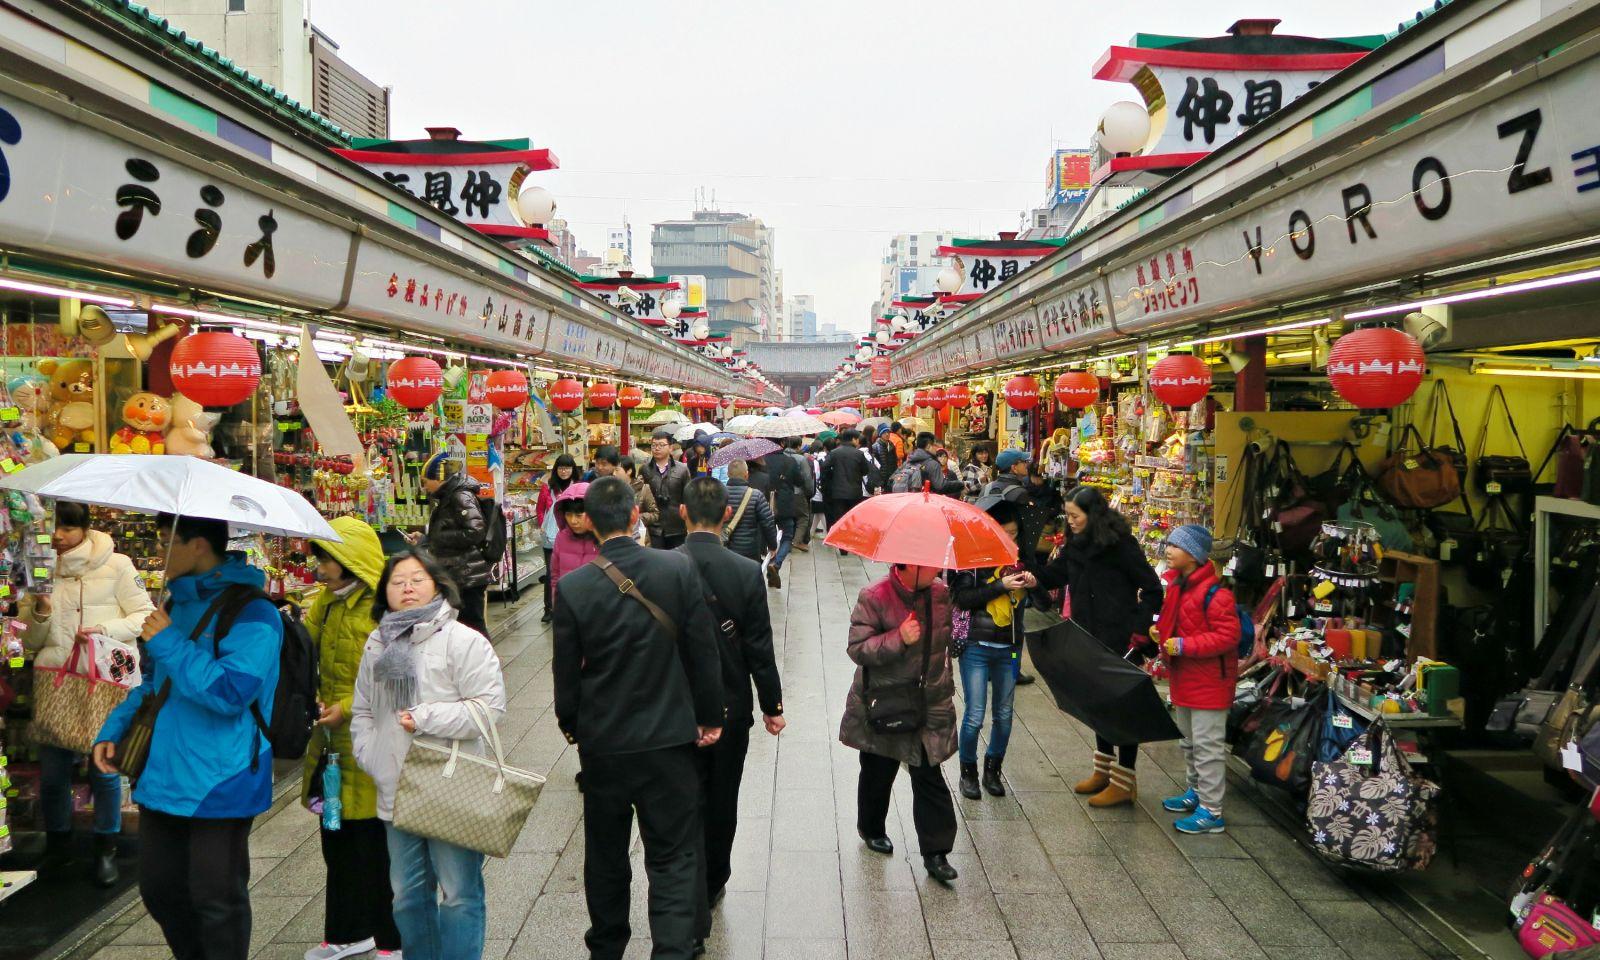 Nakamise - Phố mua sắm cổ xưa nhất xứ sở Hoa anh đào